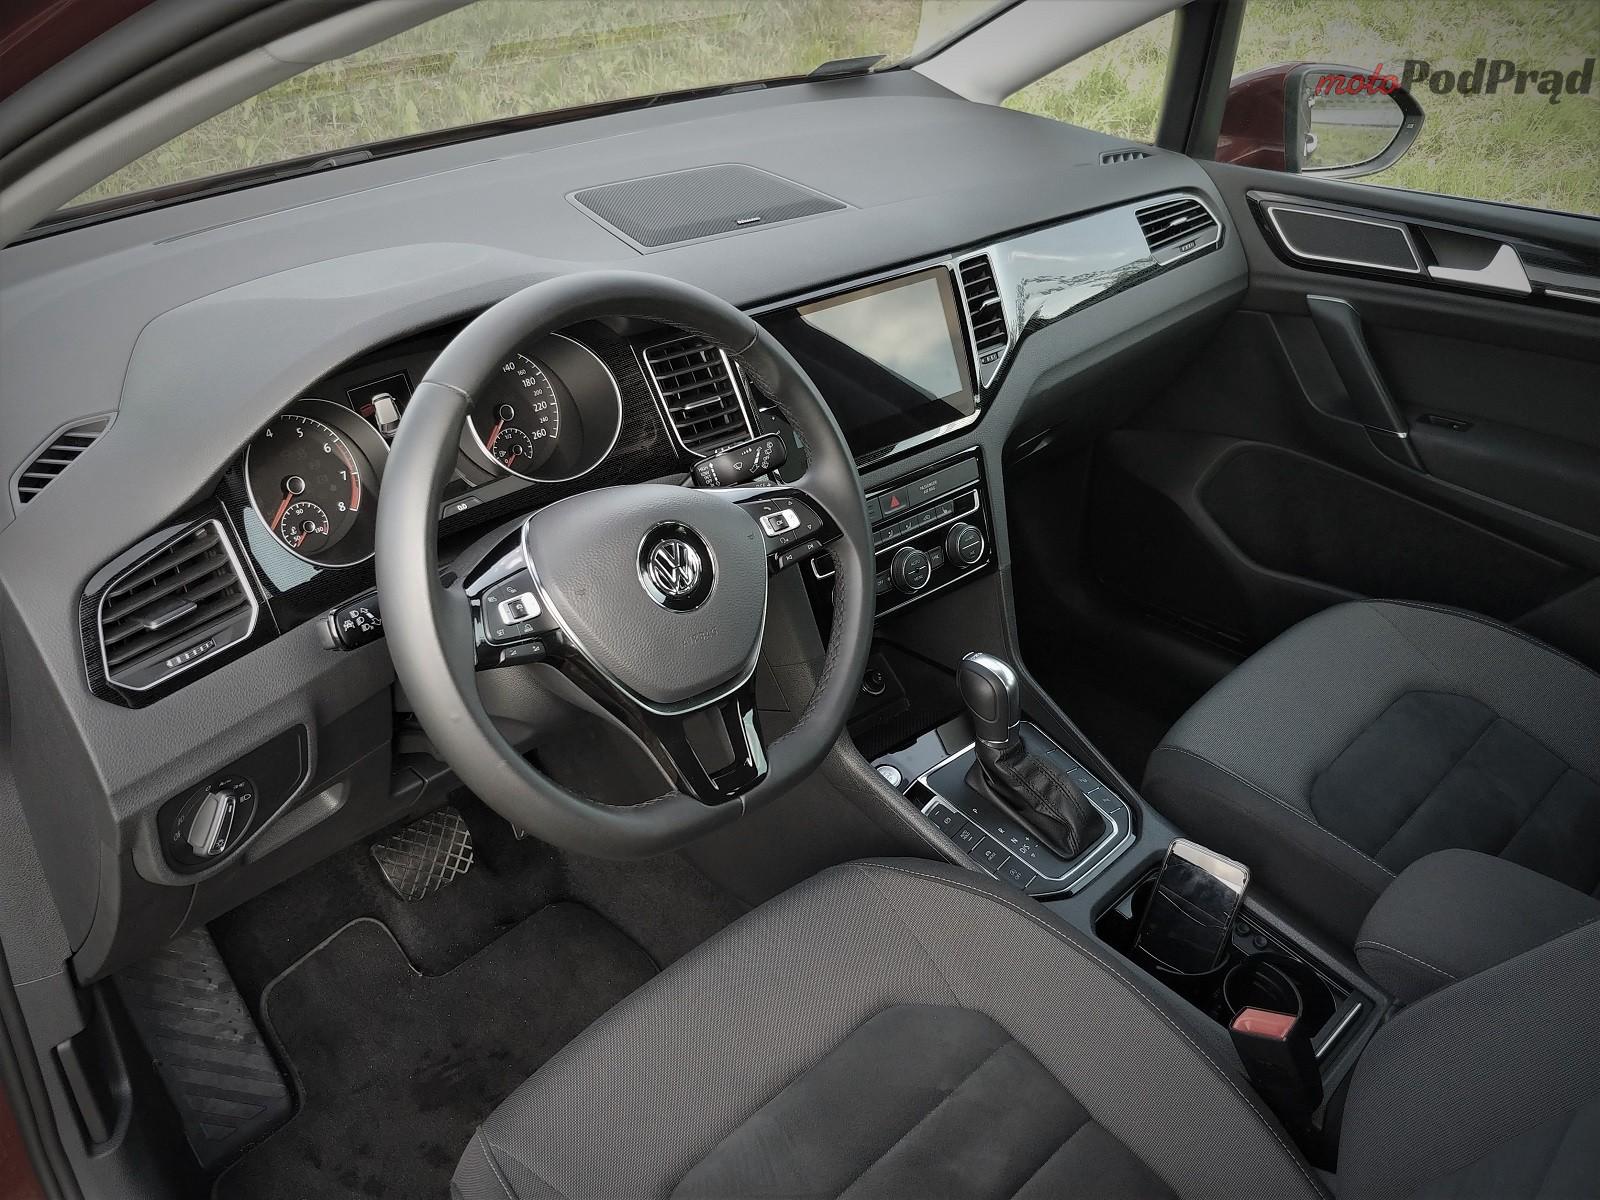 Volkswagen Golf Sportsvan 15 Test: Volkswagen Golf Sportsvan 1.5 TSI   garbaty anioł